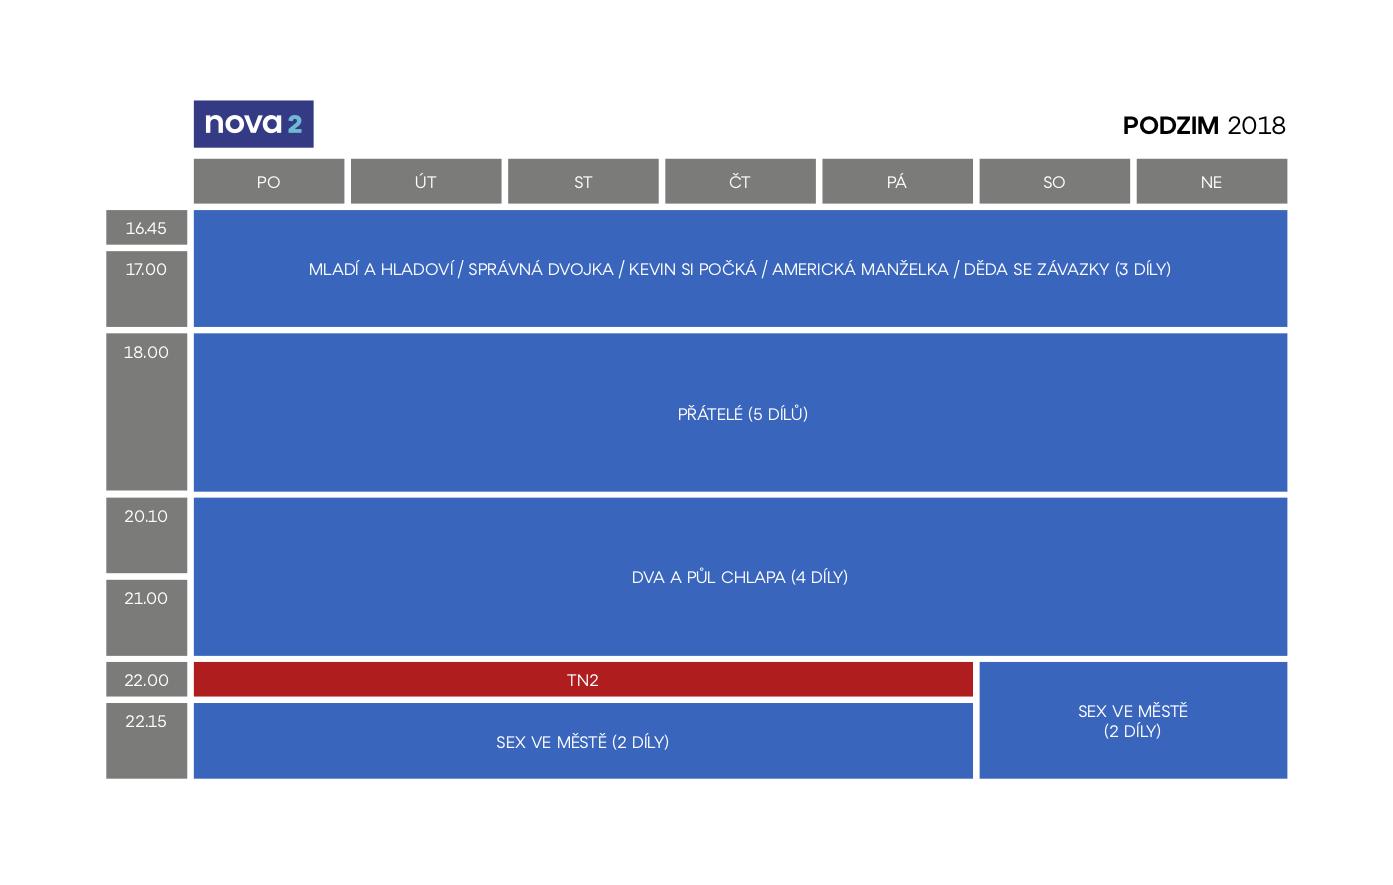 Programové schéma kanálu Nova 2, podzim 2018